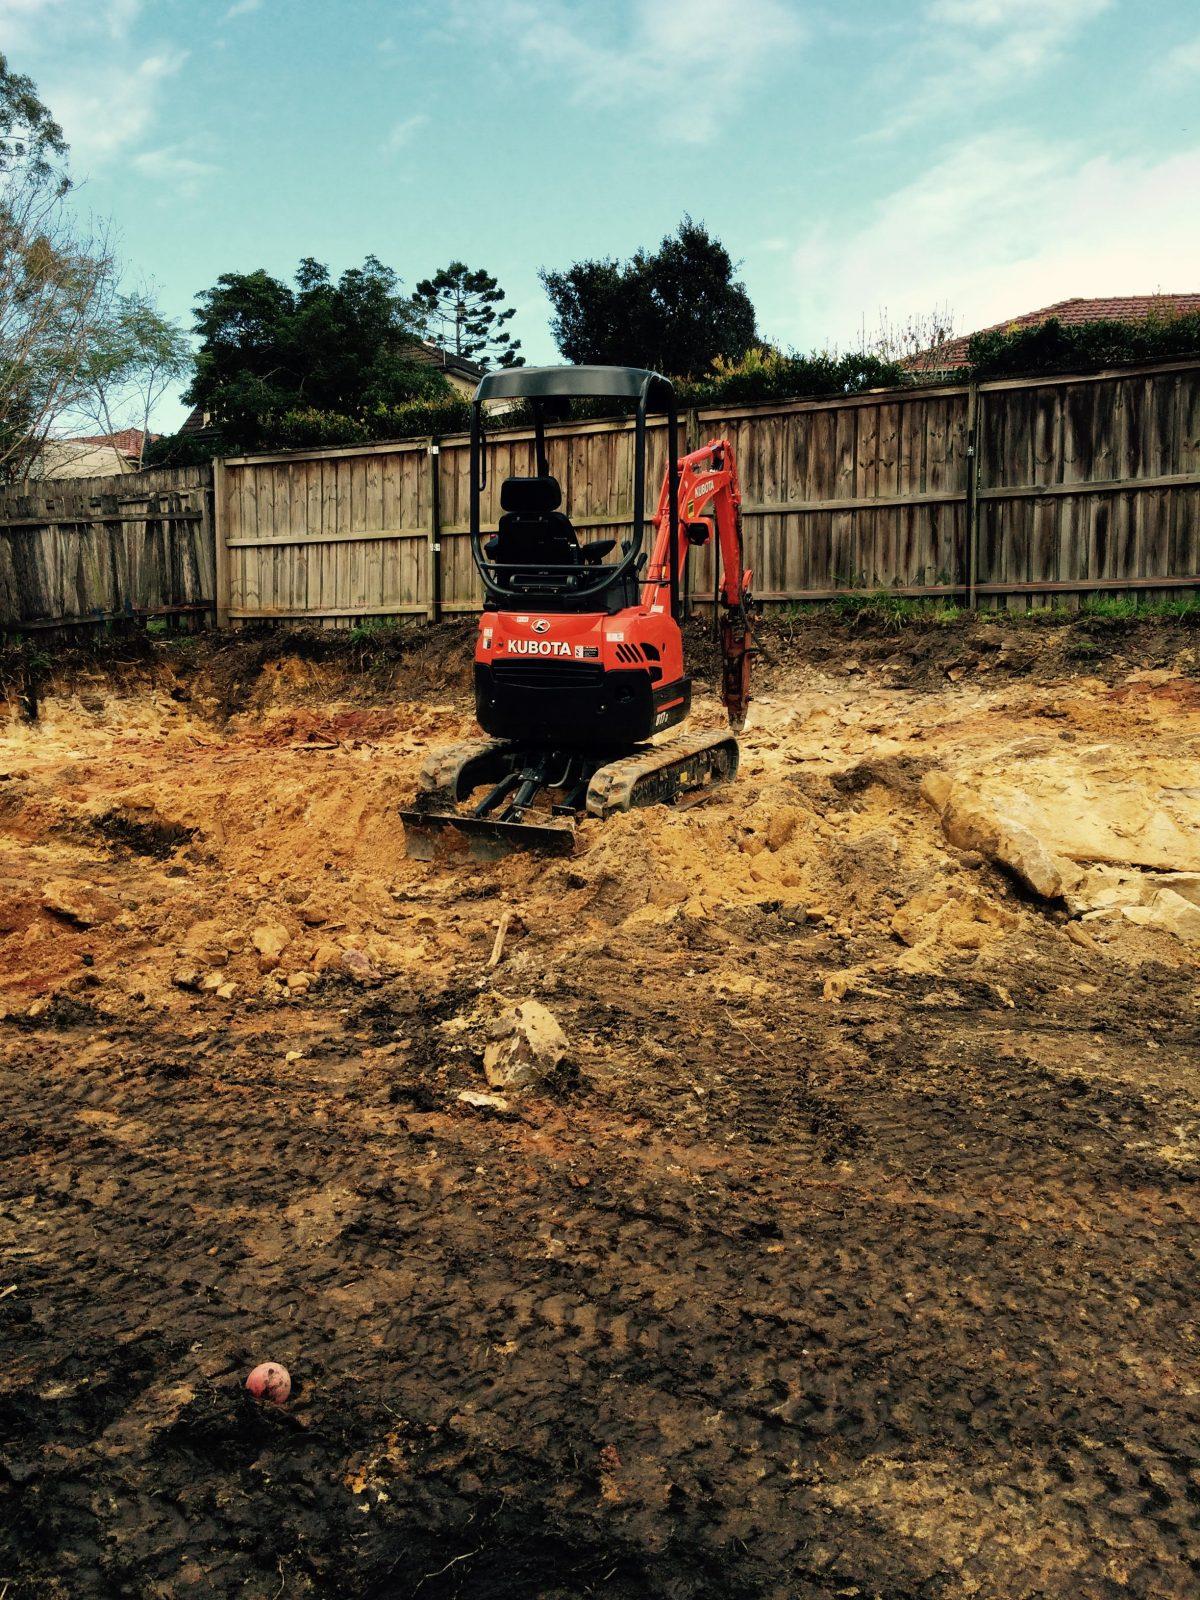 earthmovers and excavators